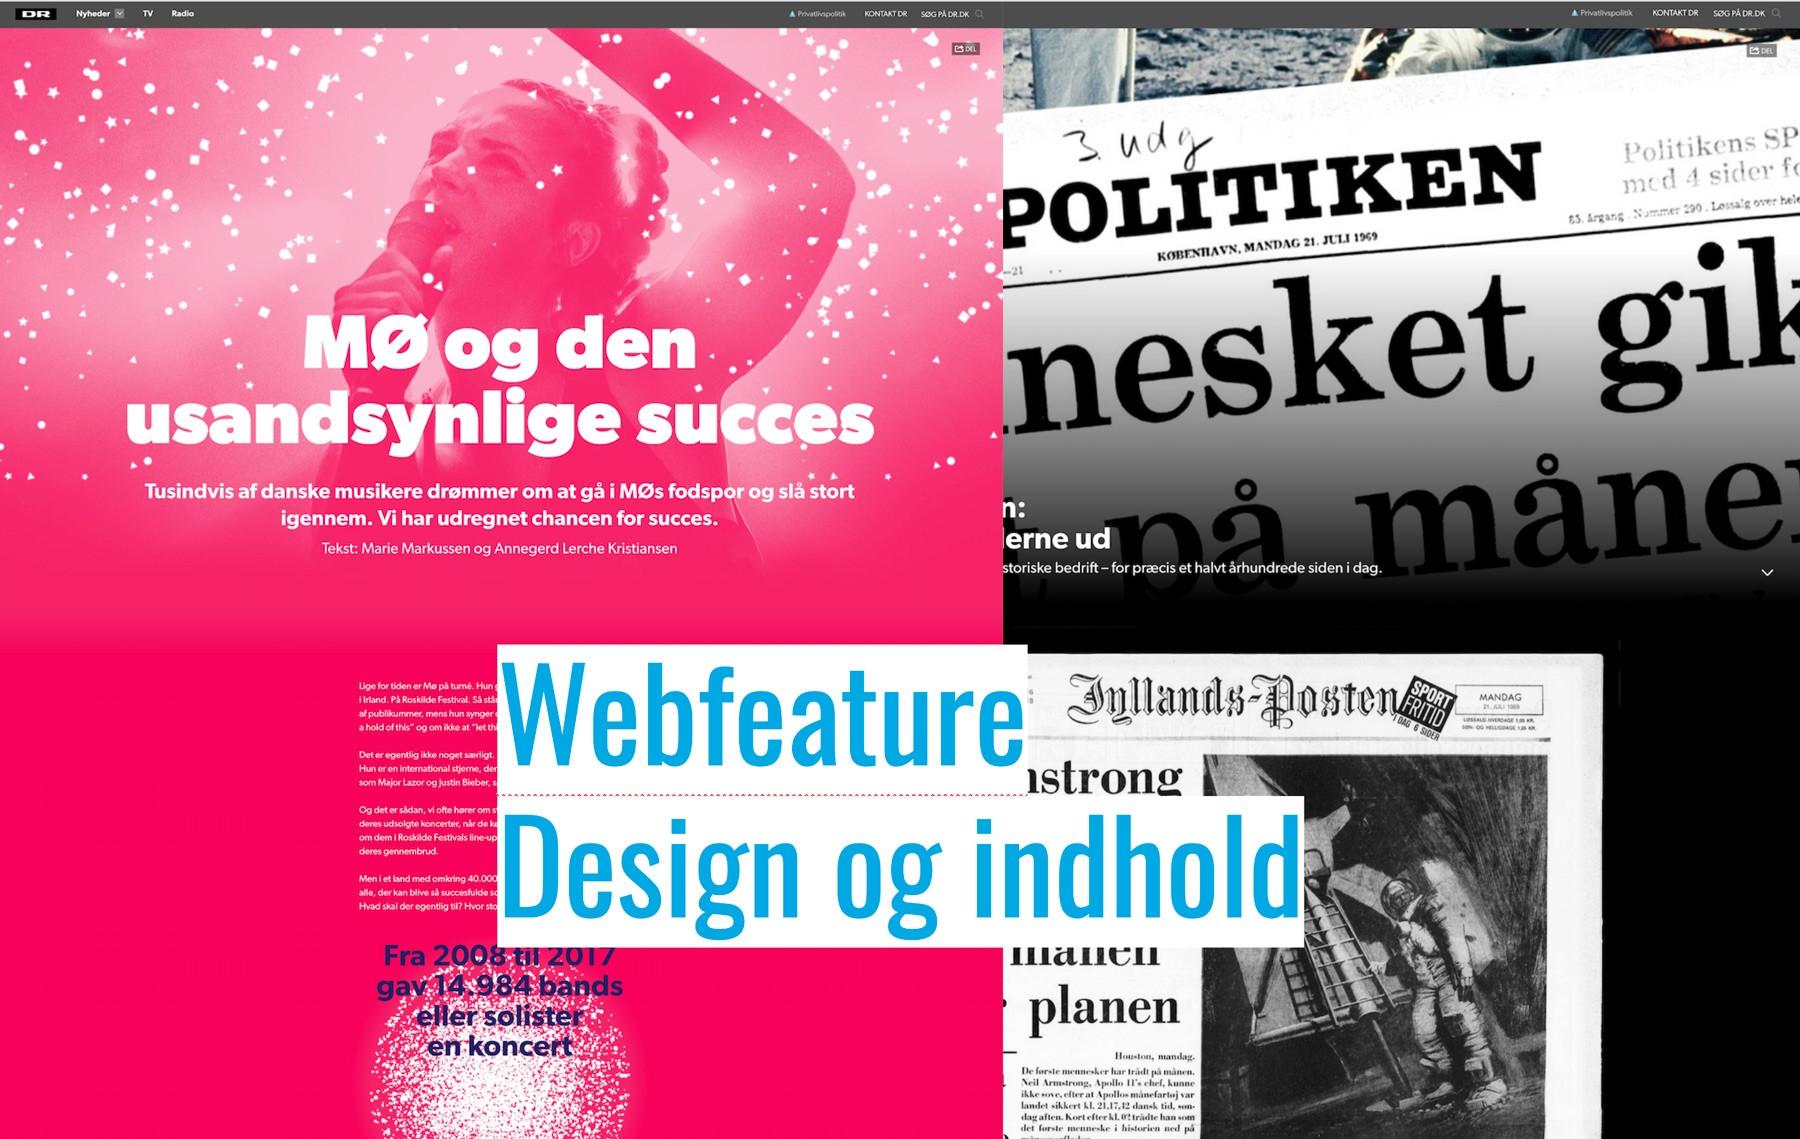 Webfeature: Design og indhold